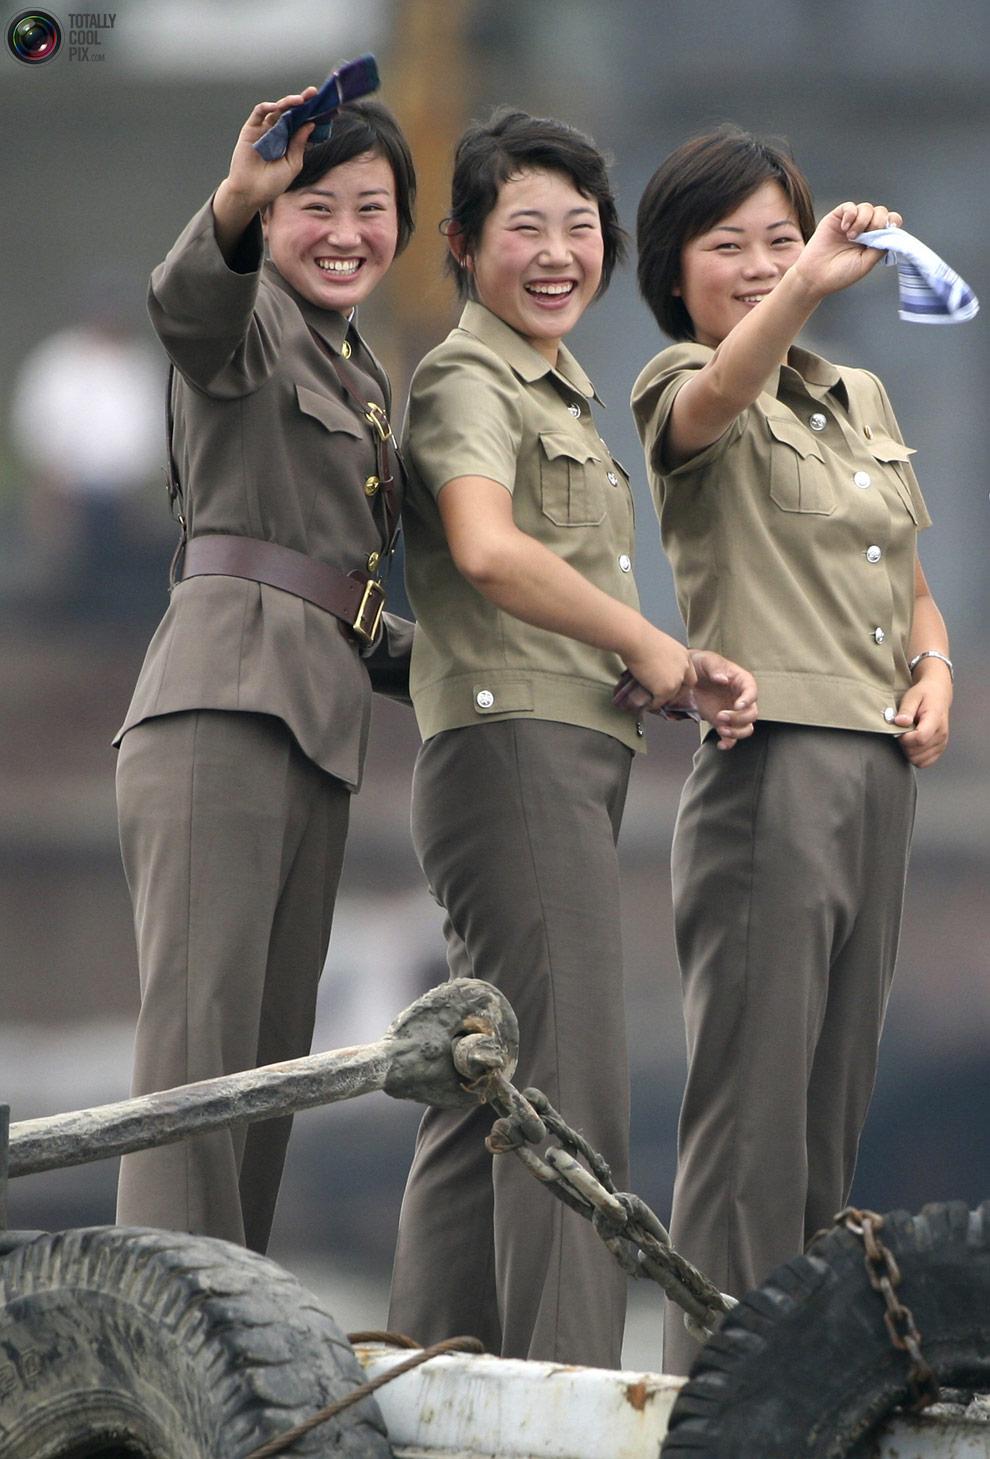 female09 Женщины военные из разных стран мира